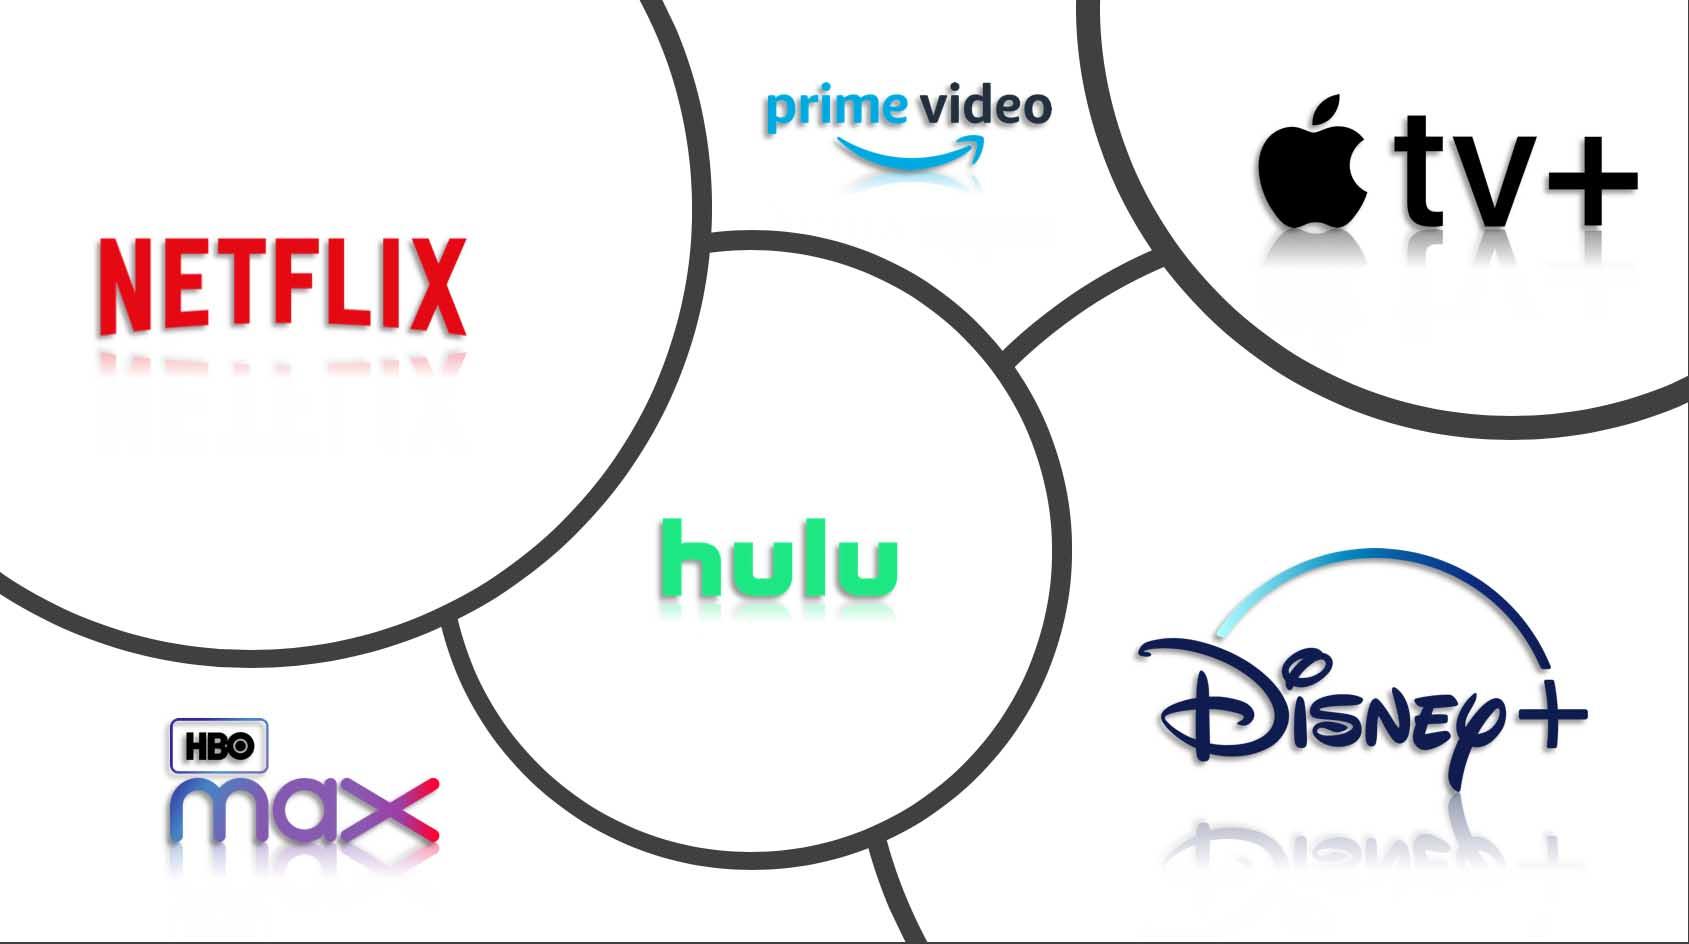 La guerra del streaming y el futuro de la televisión